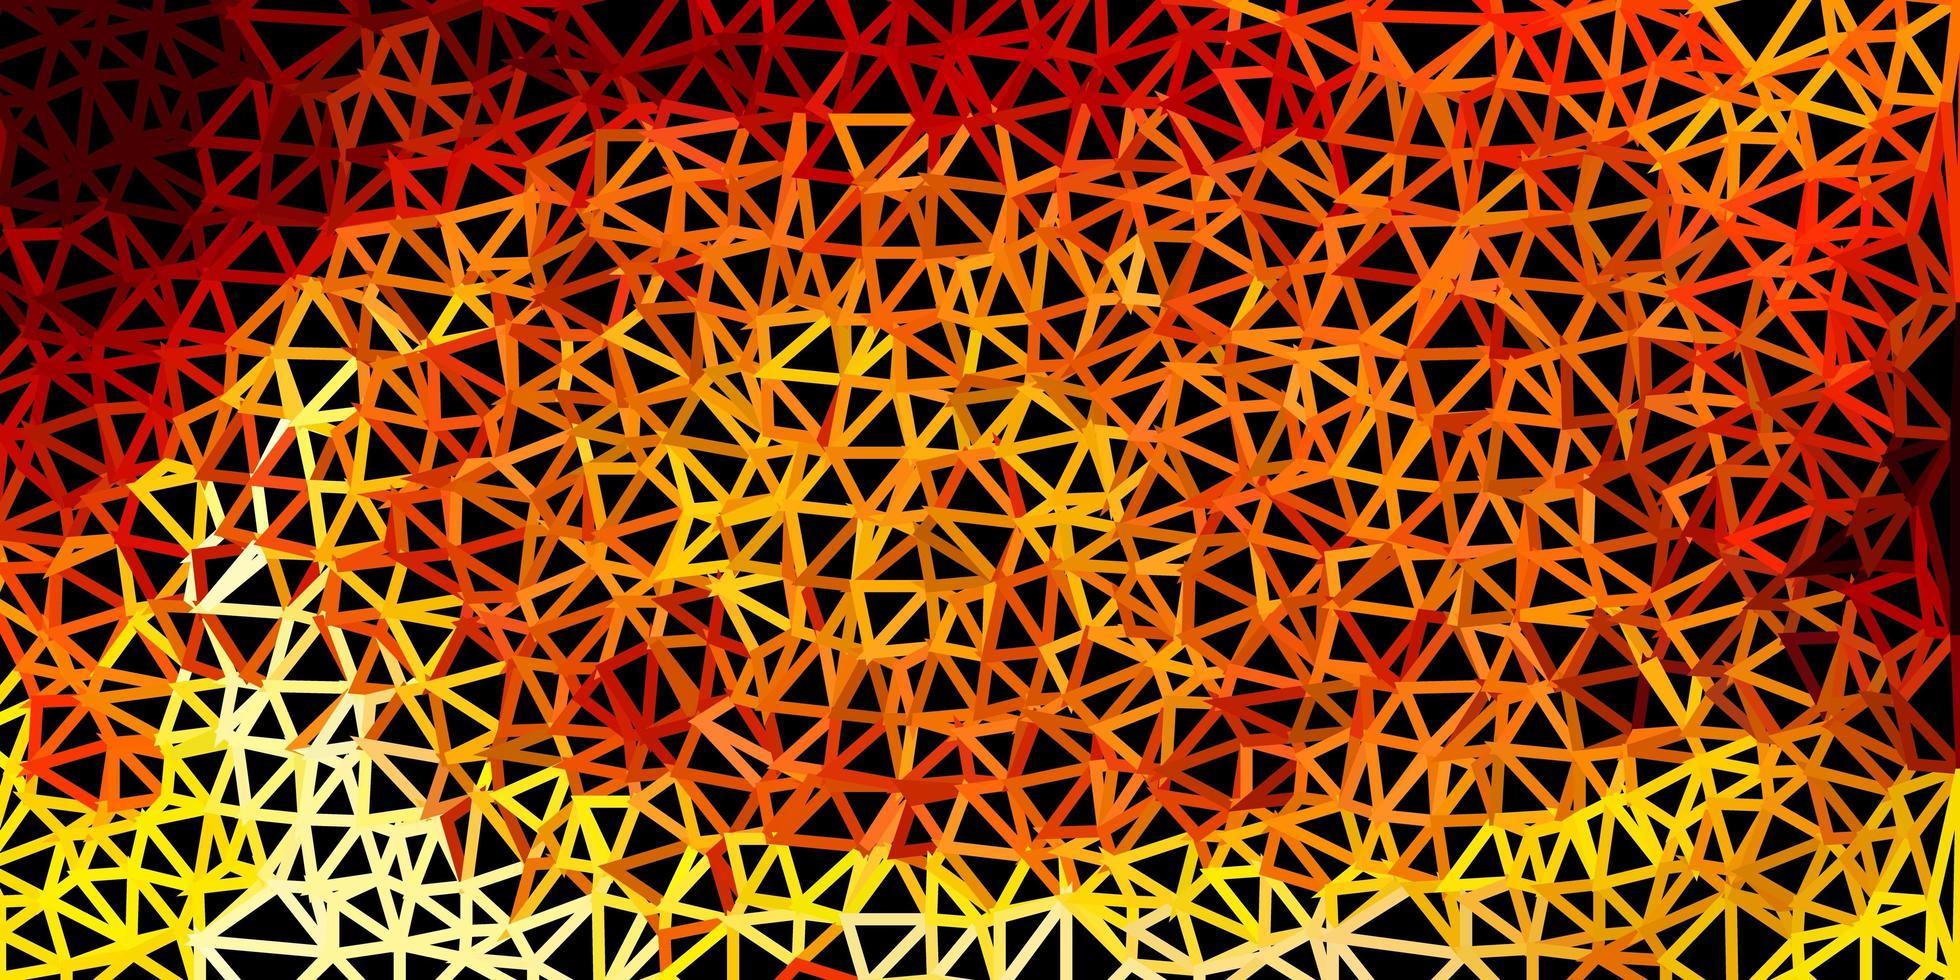 lichtoranje vector abstract driehoek patroon.